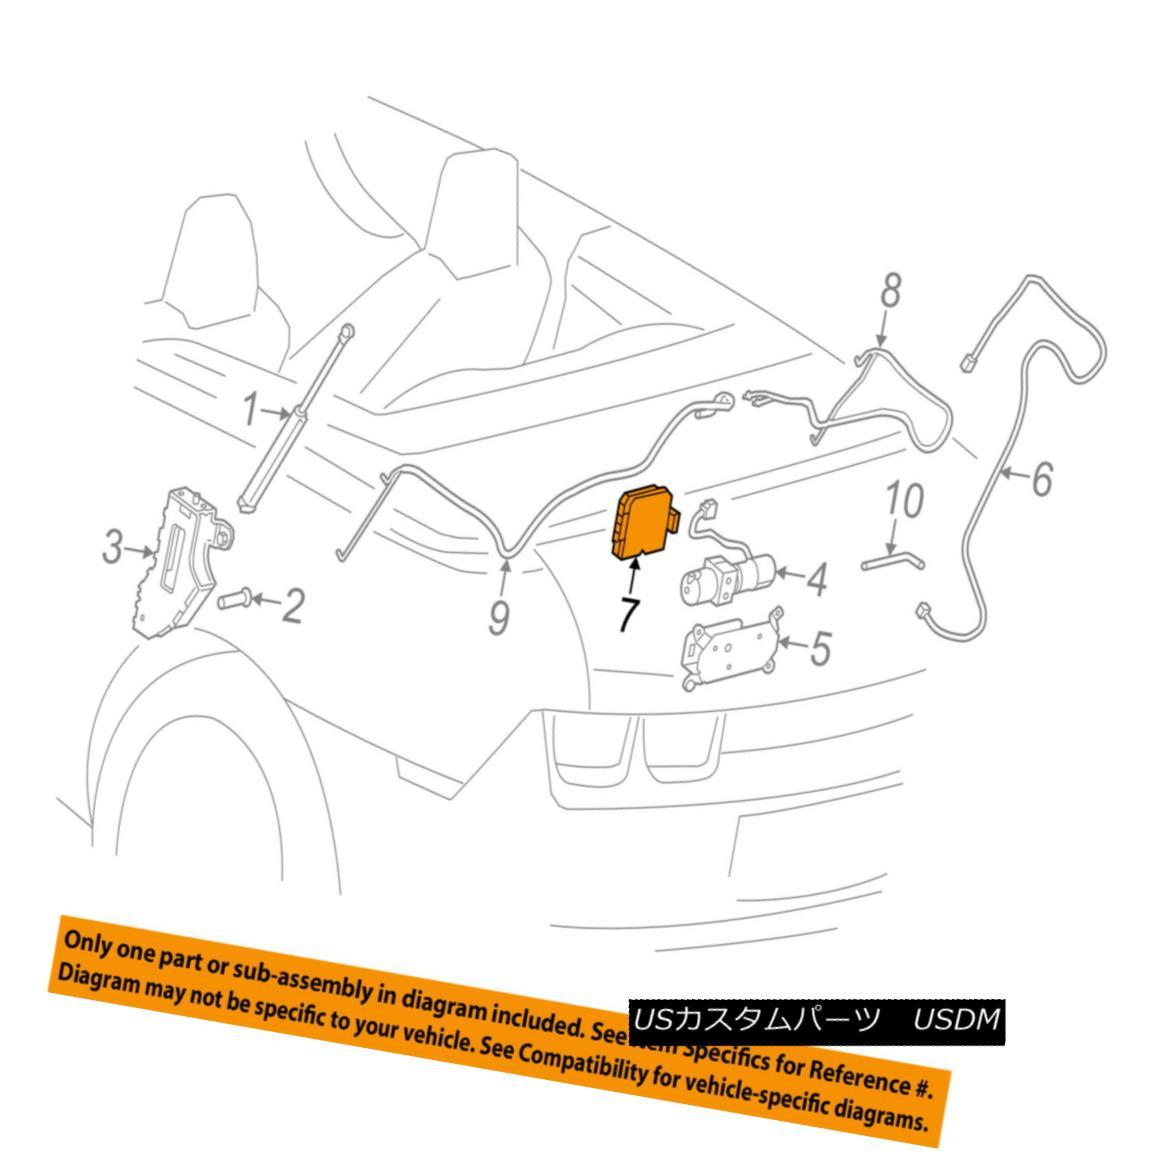 幌・ソフトトップ Chevrolet GM OEM 11-15 Camaro Motor-Convertible/soft Top-Control Module 22801380 Chevrolet GM OEM 11-15カマロモーターコンバーチブル/ソフトトップコントロールモジュール22801380